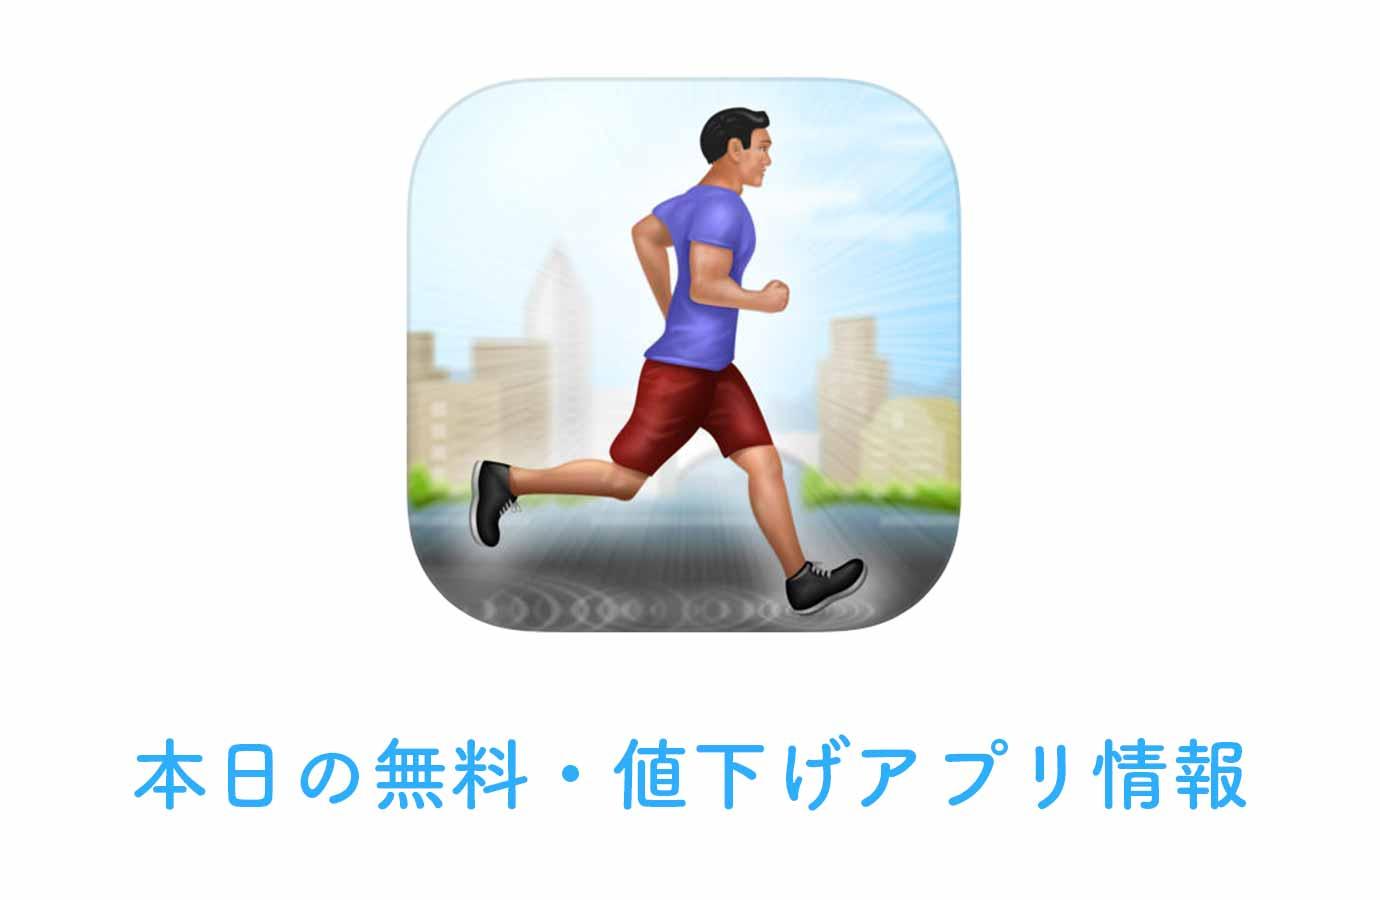 400円→無料、ランニングセッションを簡単に記録・管理できる「ランナーズログ」など【5/8】本日の無料・値下げアプリ情報